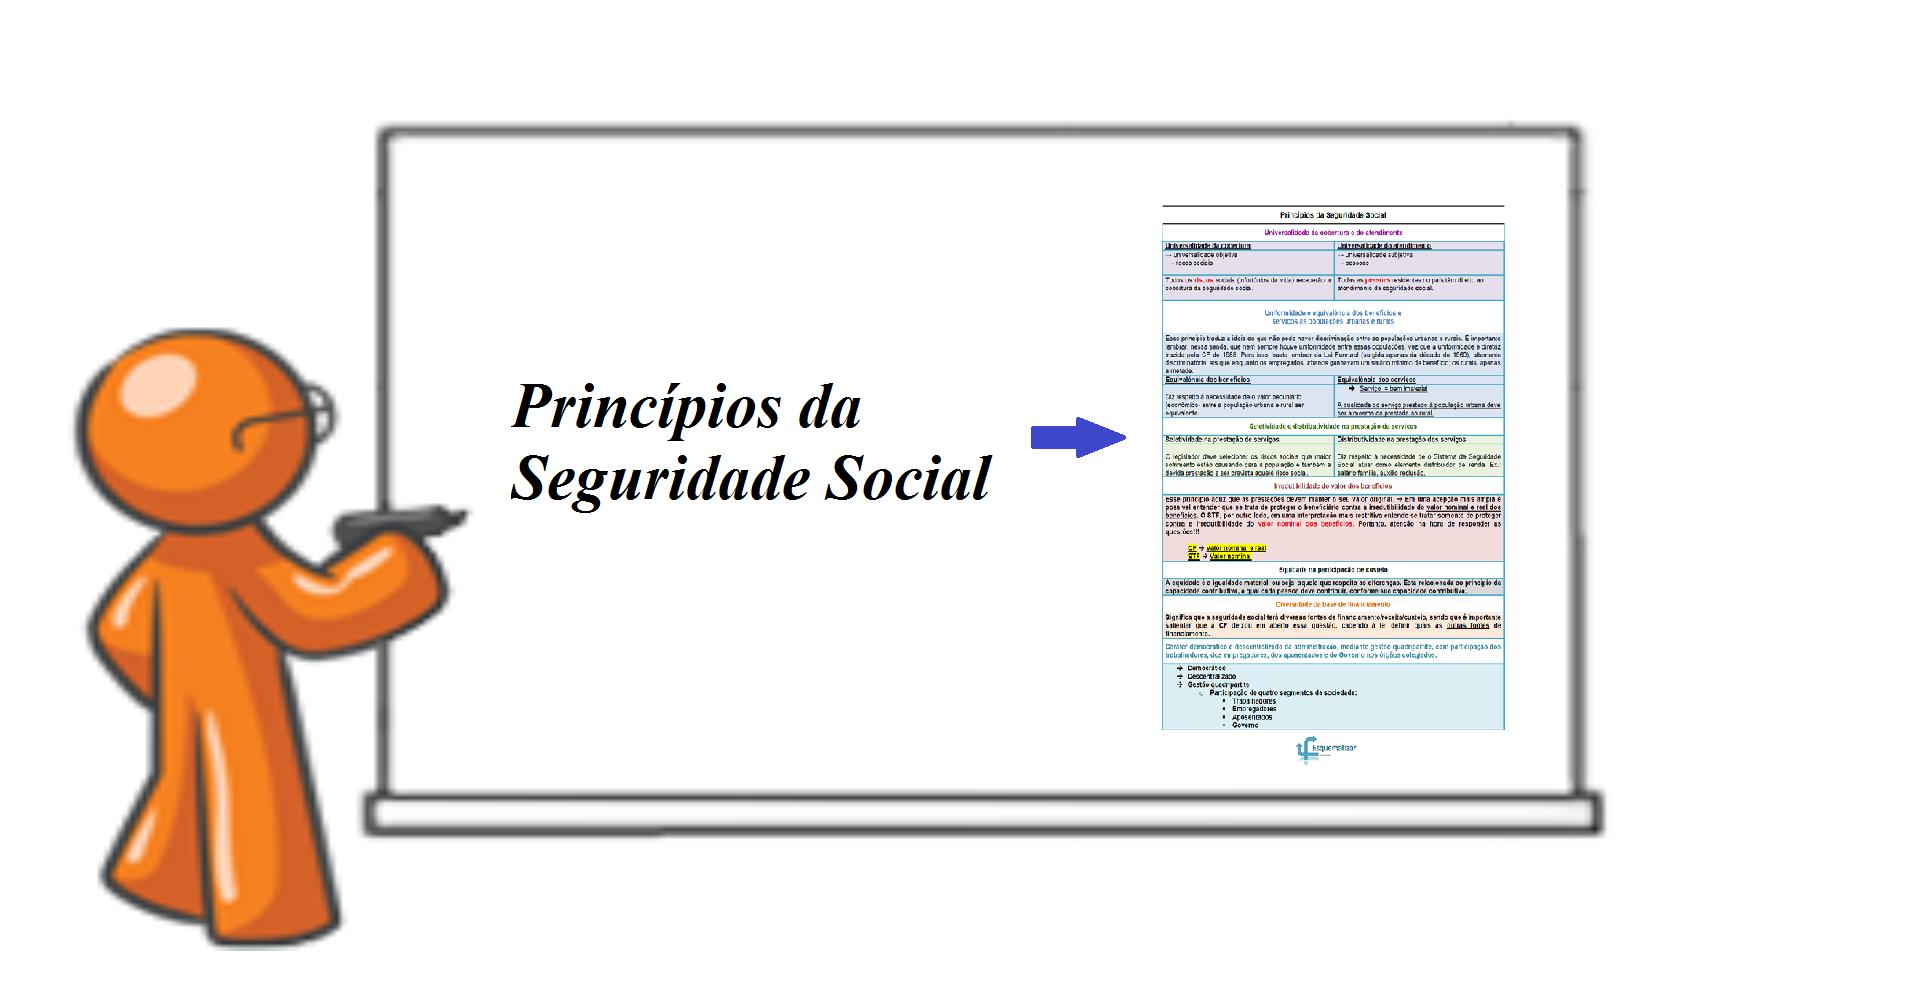 Princípios da Seguridade Social